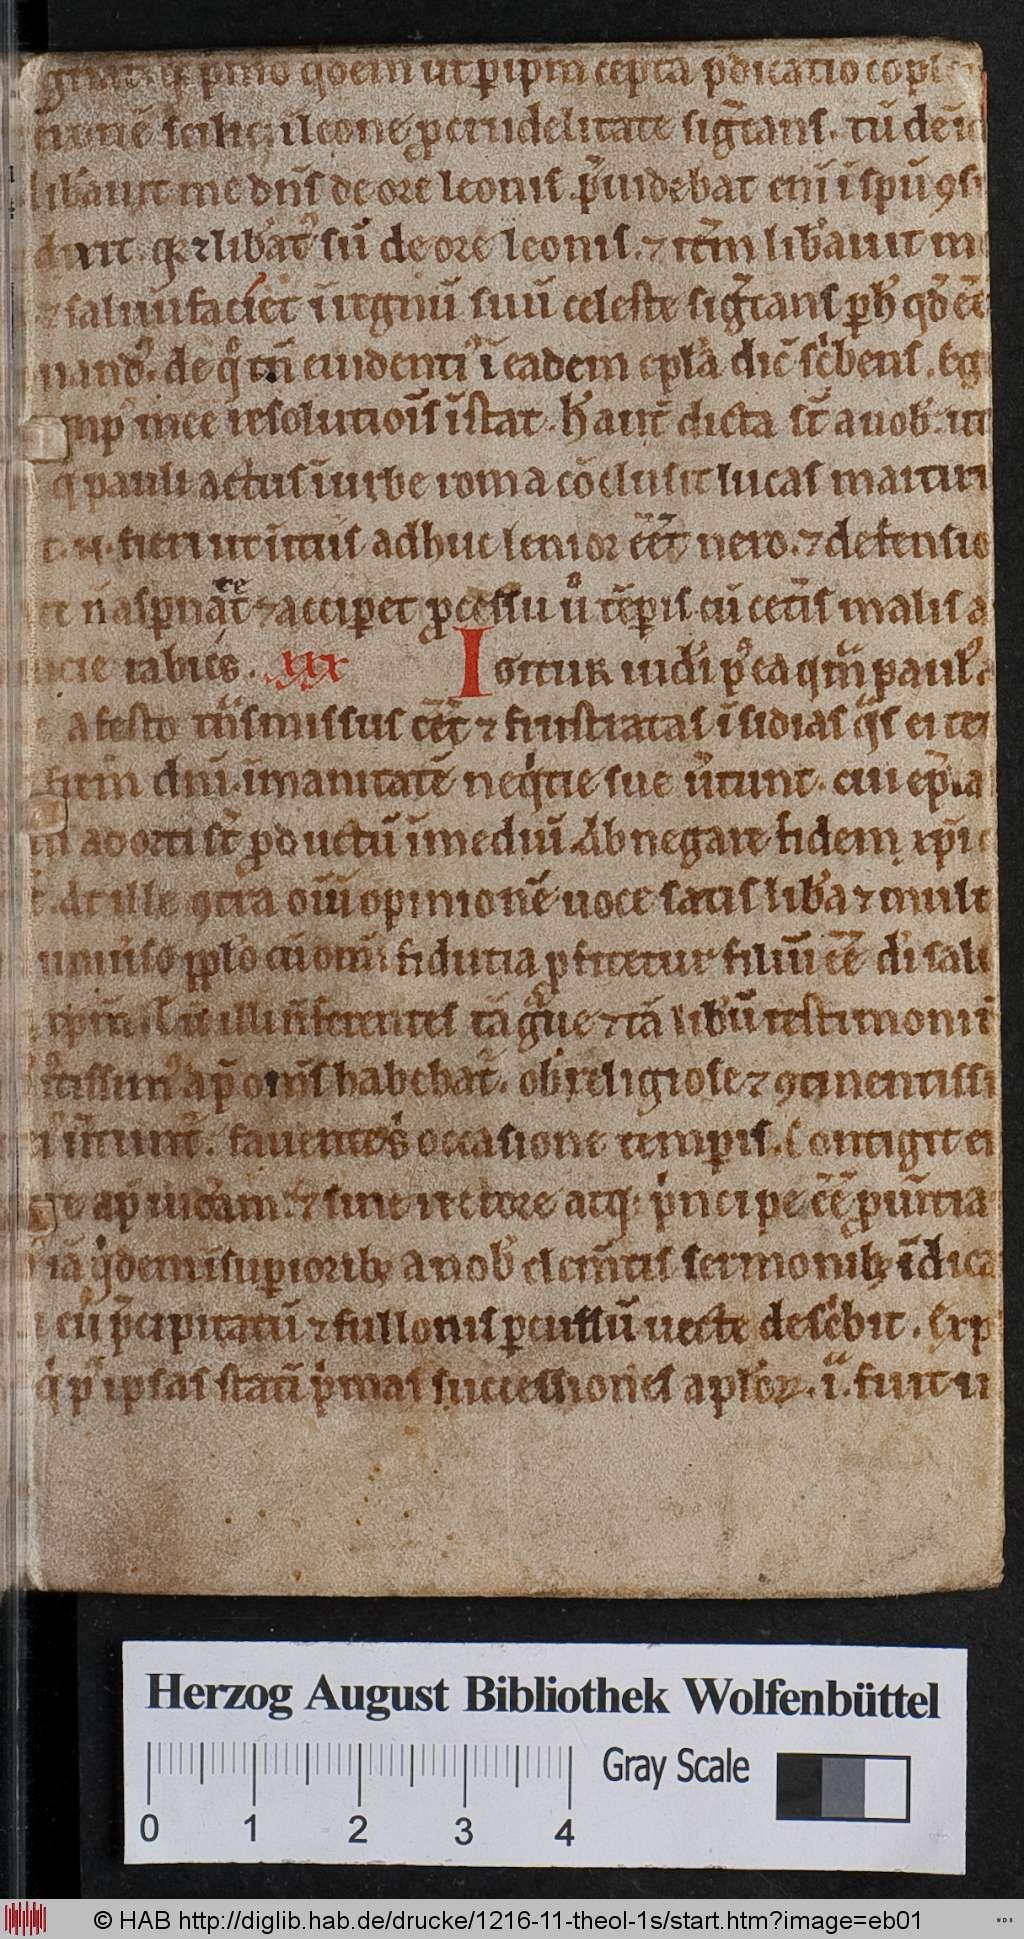 http://diglib.hab.de/drucke/1216-11-theol-1s/eb01.jpg